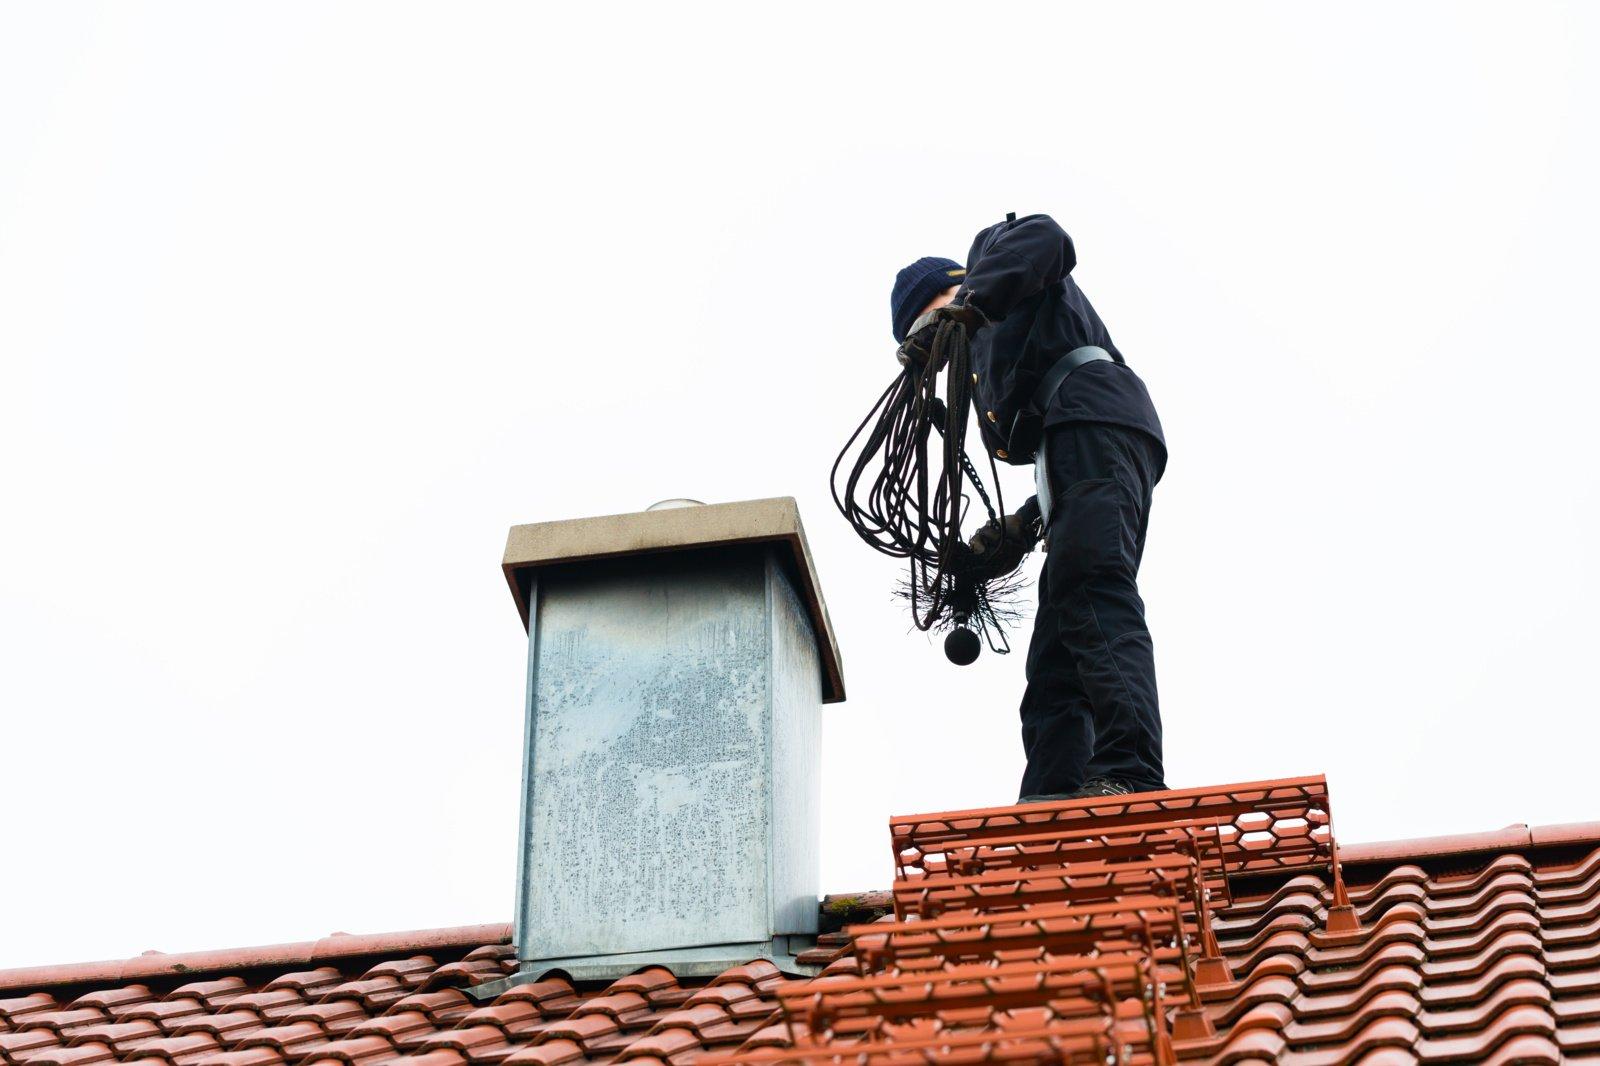 Aplinkos ministerija: paraiškų gauti paramą taršiems šildymo katilams pakeisti gauta už beveik 3 mln. eurų